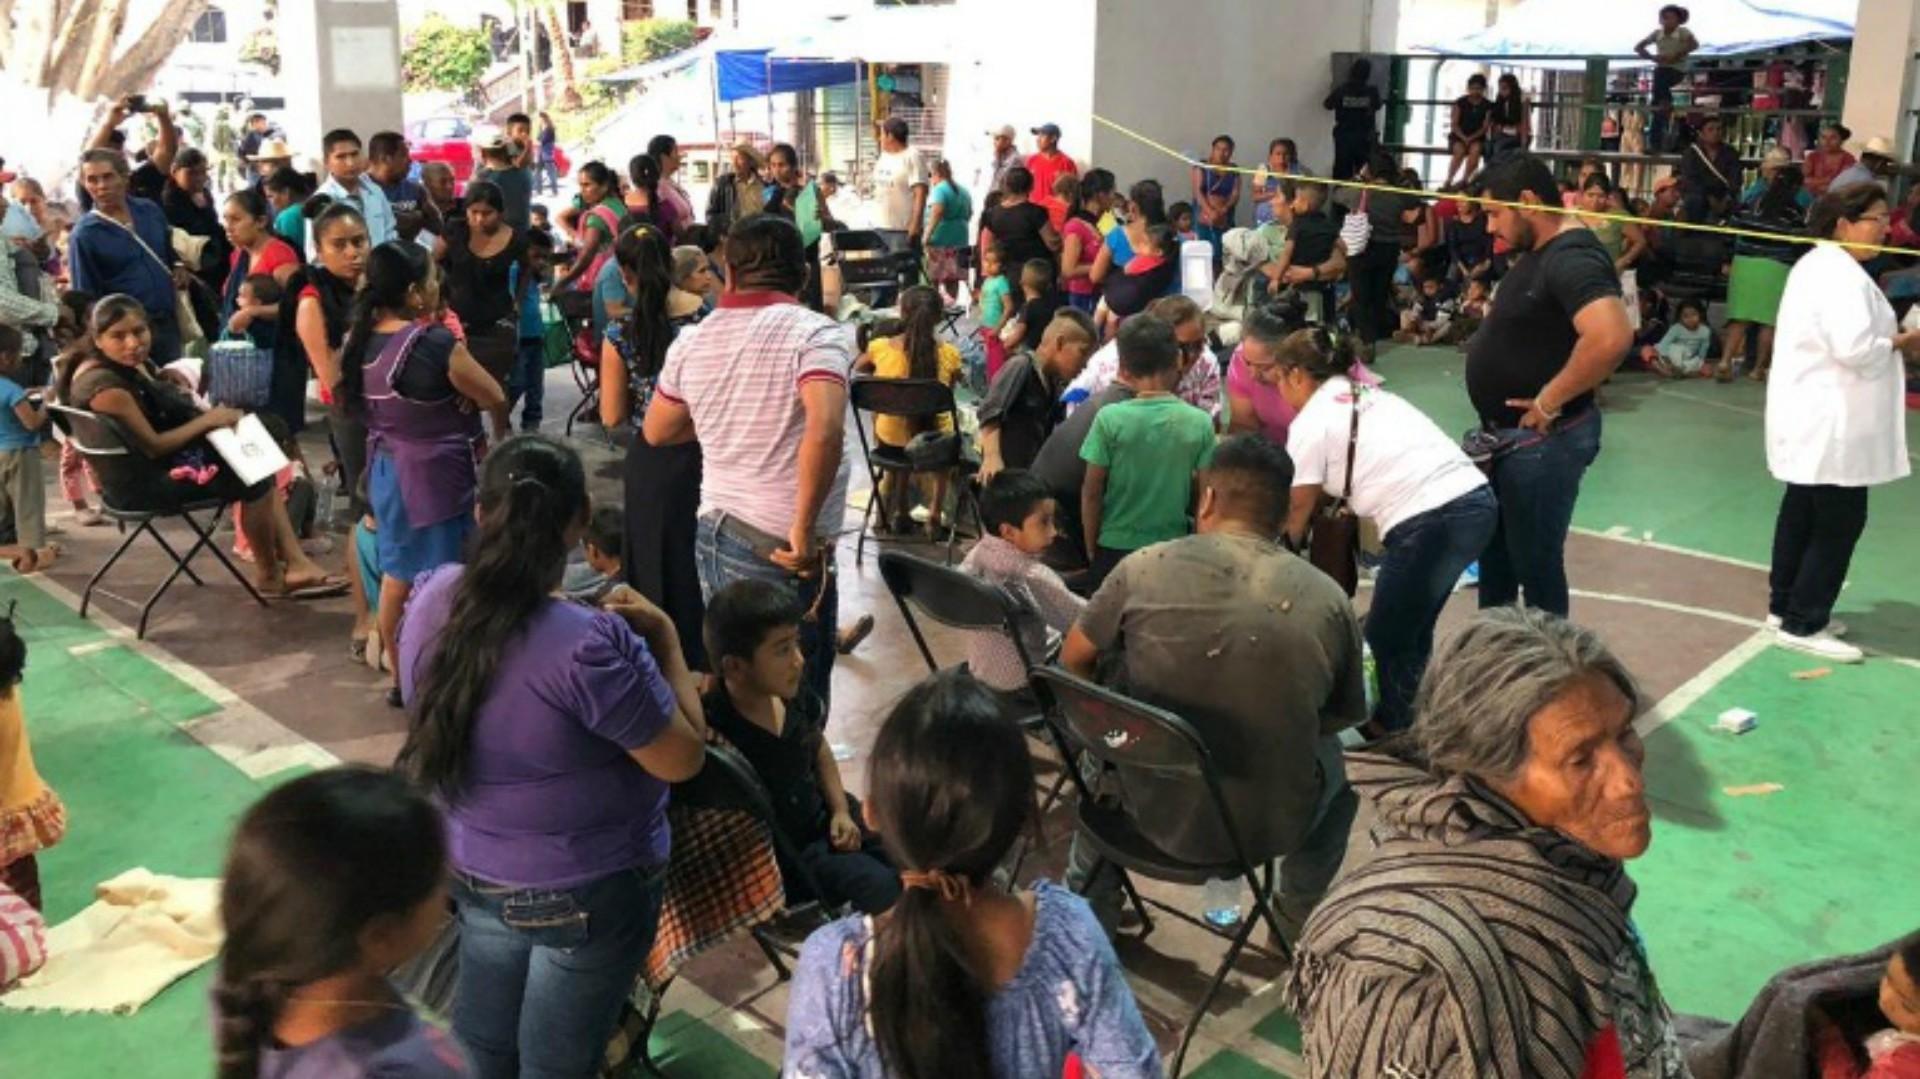 Las intoxicaciones ocurrieron durante los festejos del día del niño (Foto: Twitter – Héctor Astudillo)